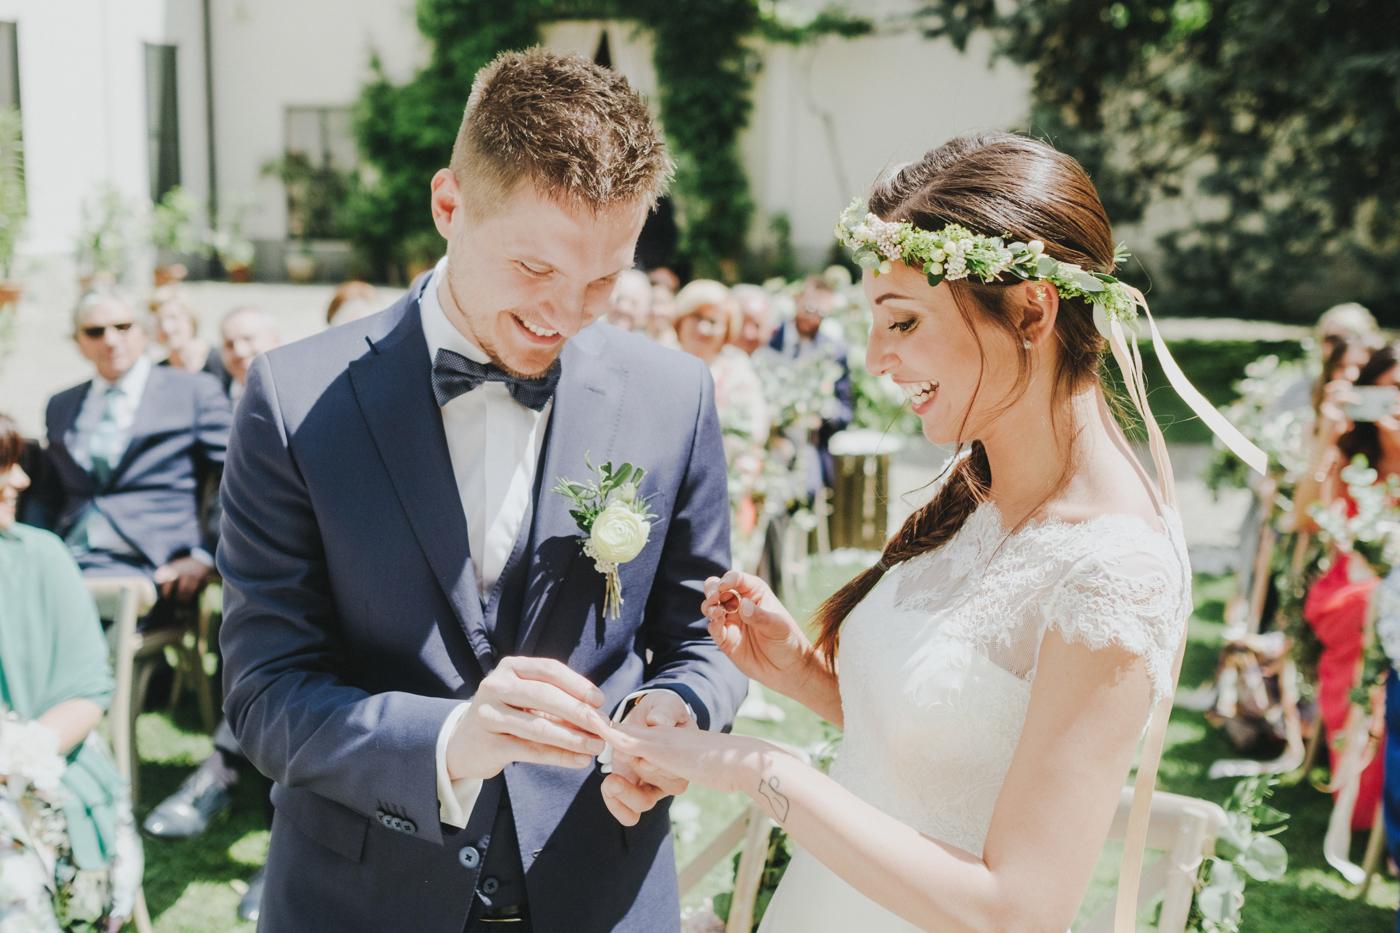 fotografo matrimonio como-54.jpg